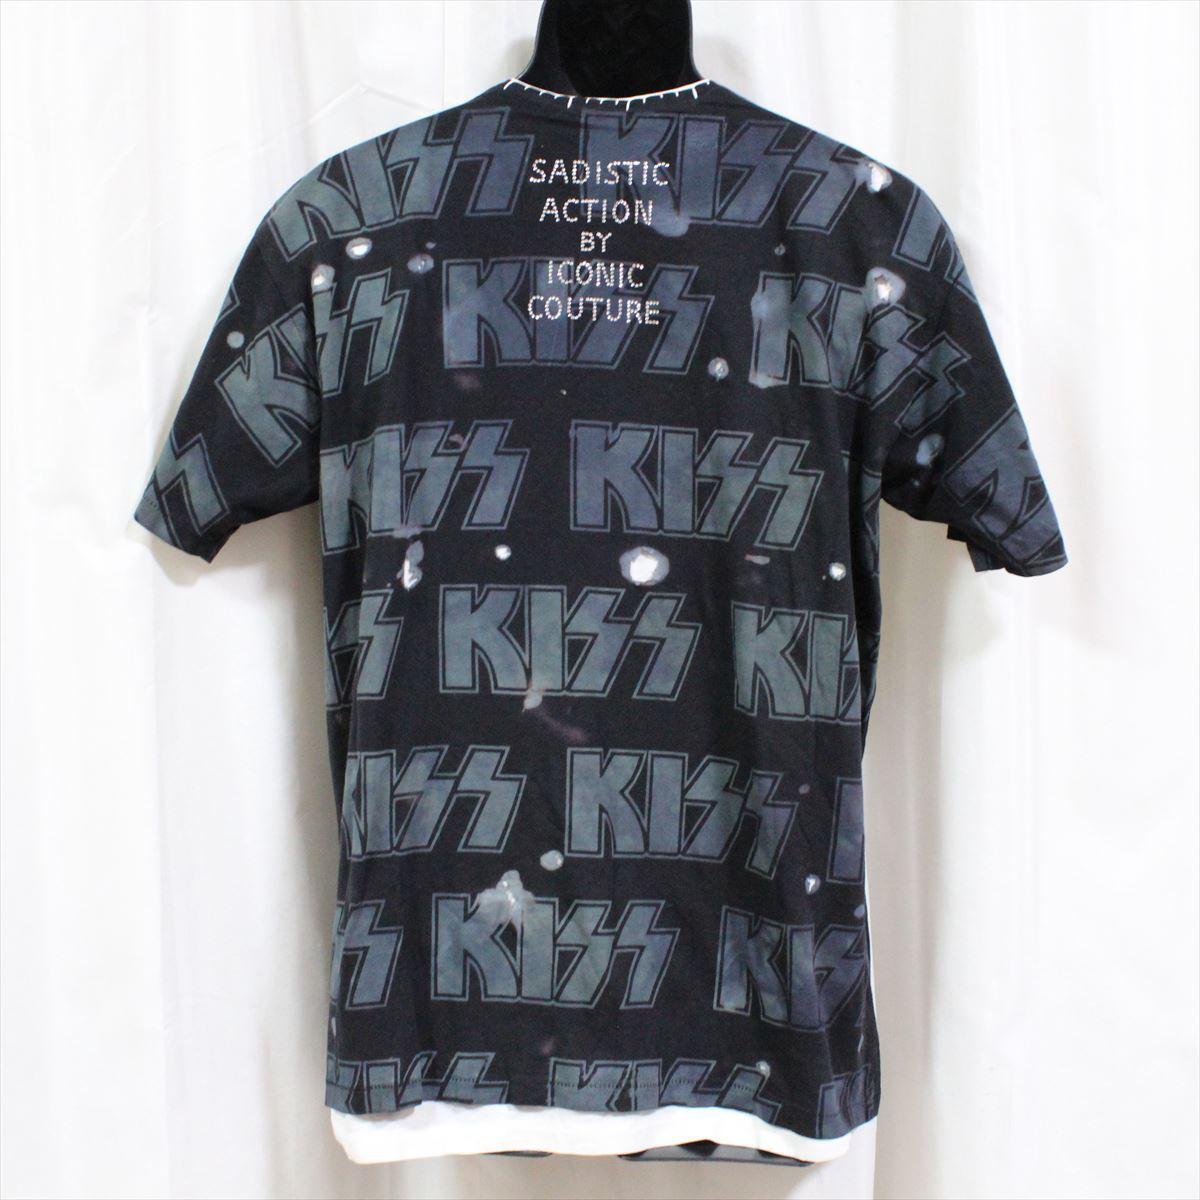 サディスティックアクション SADISTIC ACTION アイコニック メンズ半袖Tシャツ KISS Mサイズ ICONIC COUTURE 新品_画像4